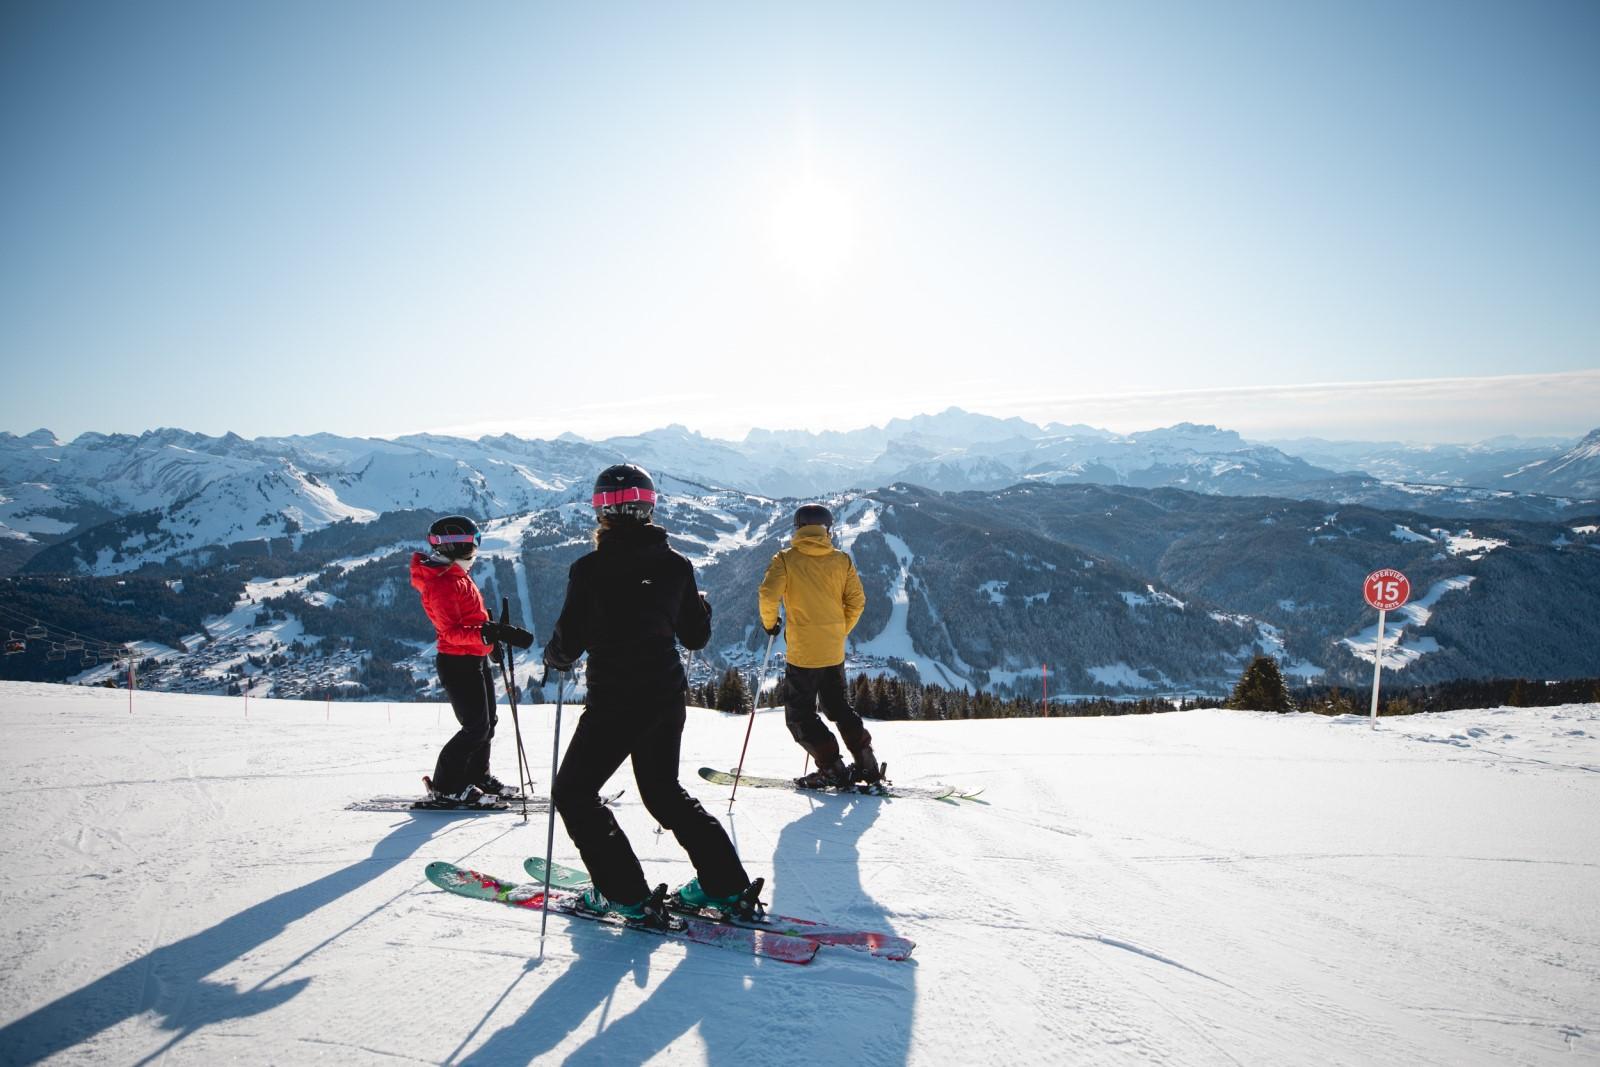 Ski alpin - OT les Gets